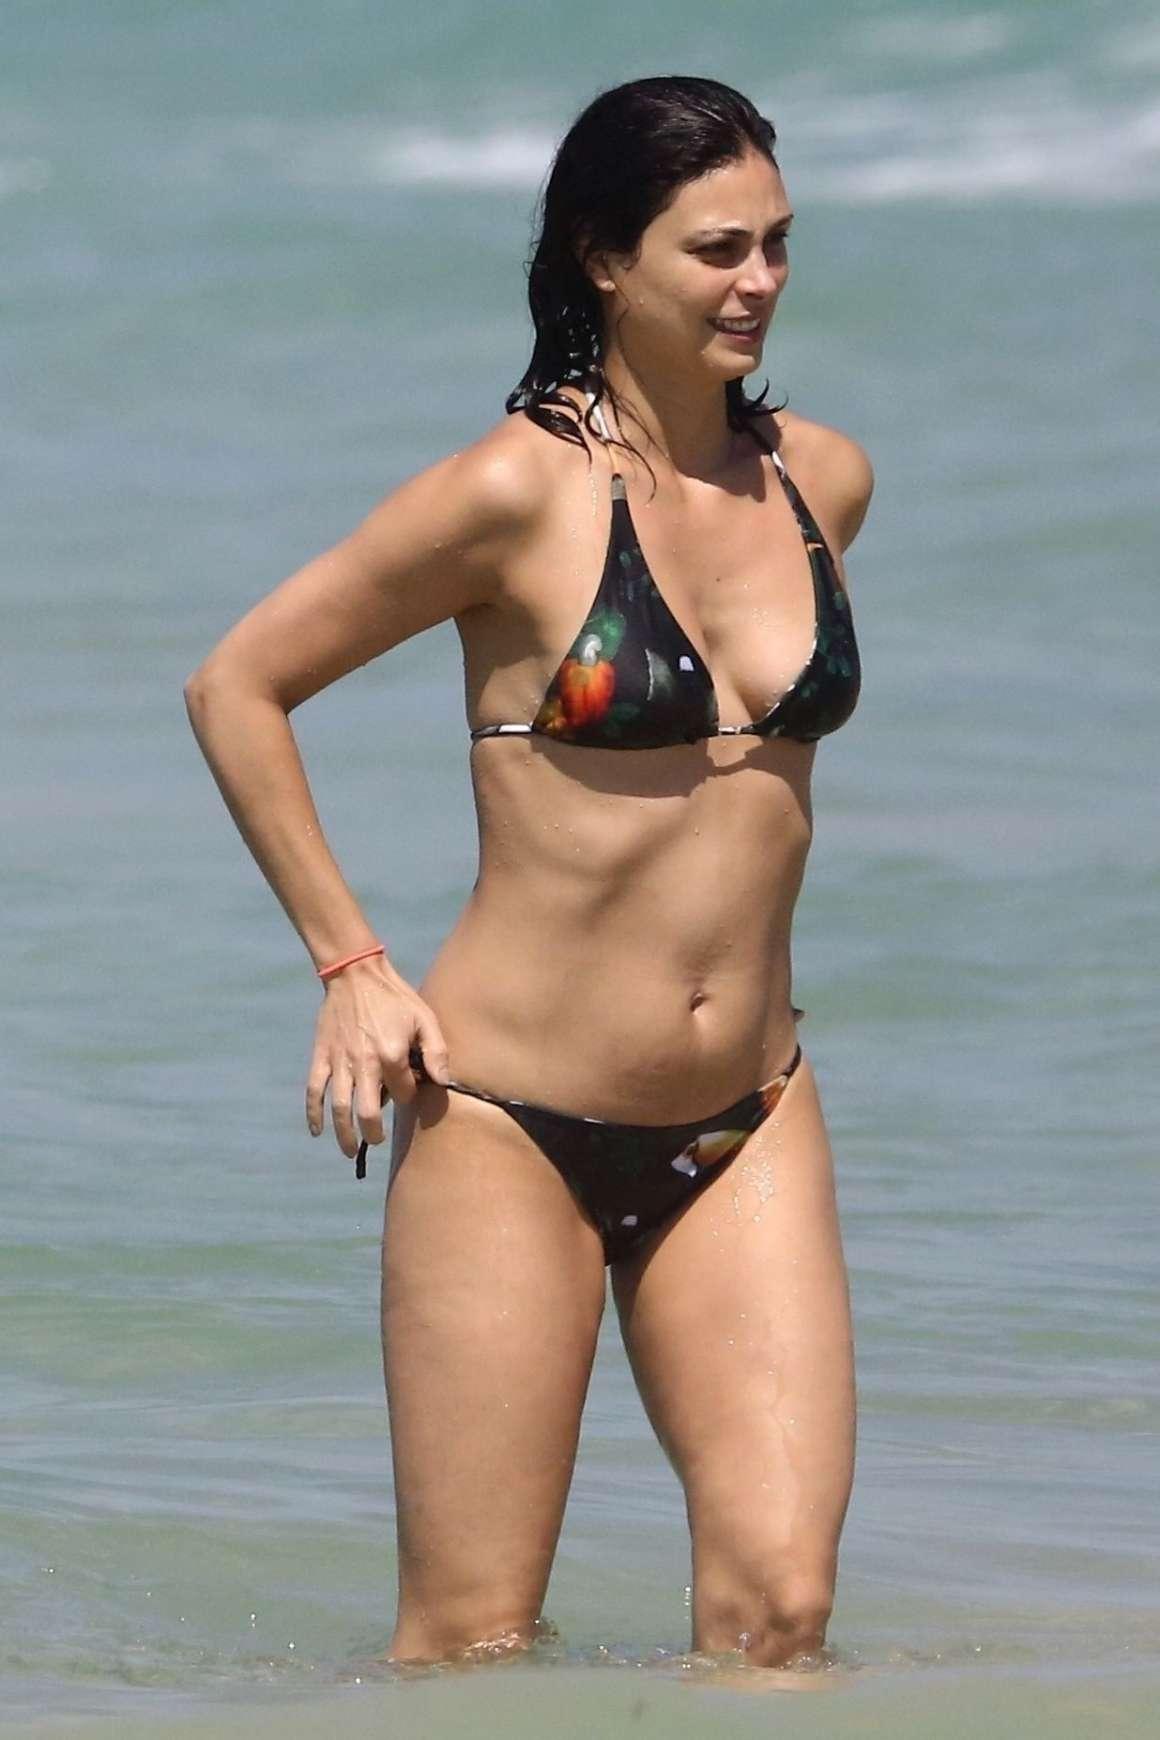 Morena Baccarin 2019 : Morena Baccarin in Bikini 2019 -08